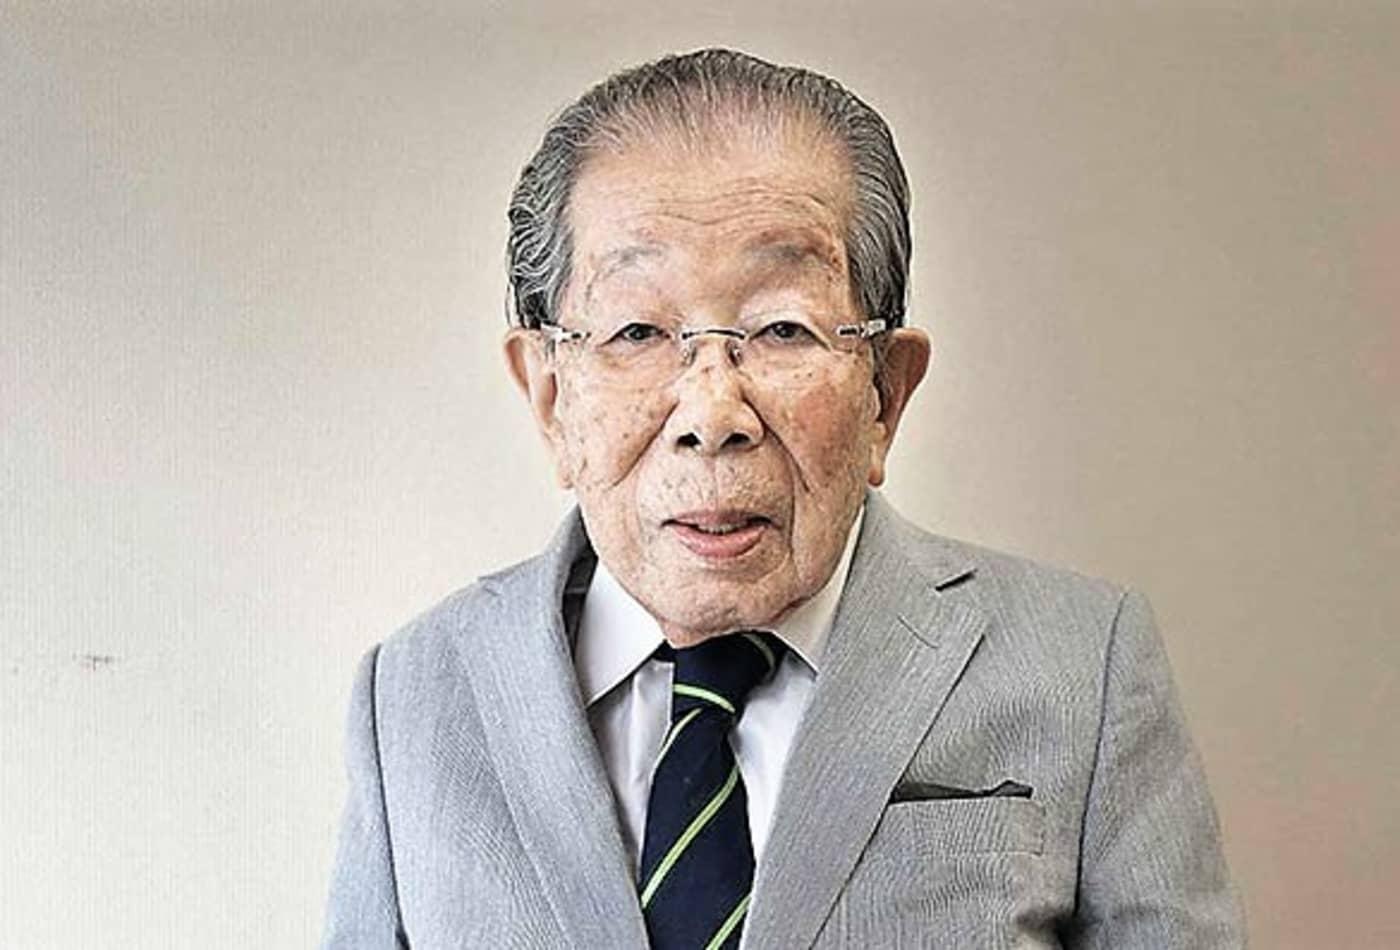 Bác sĩ và chuyên gia trường thọ người Nhật Bản Shigeaki Hinohara